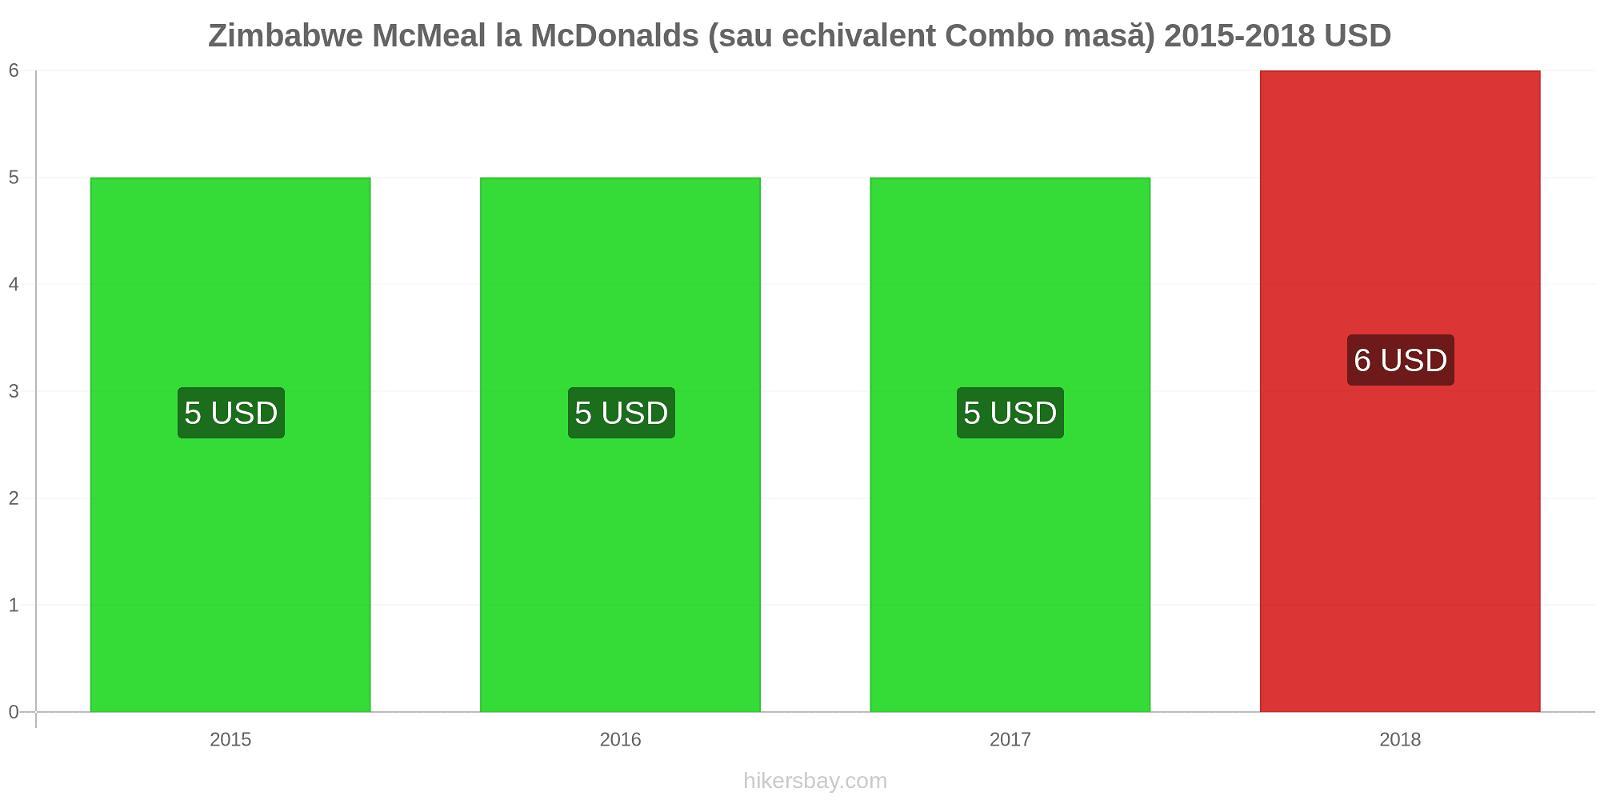 Zimbabwe modificări de preț McMeal la McDonalds (sau echivalent Combo masă) hikersbay.com